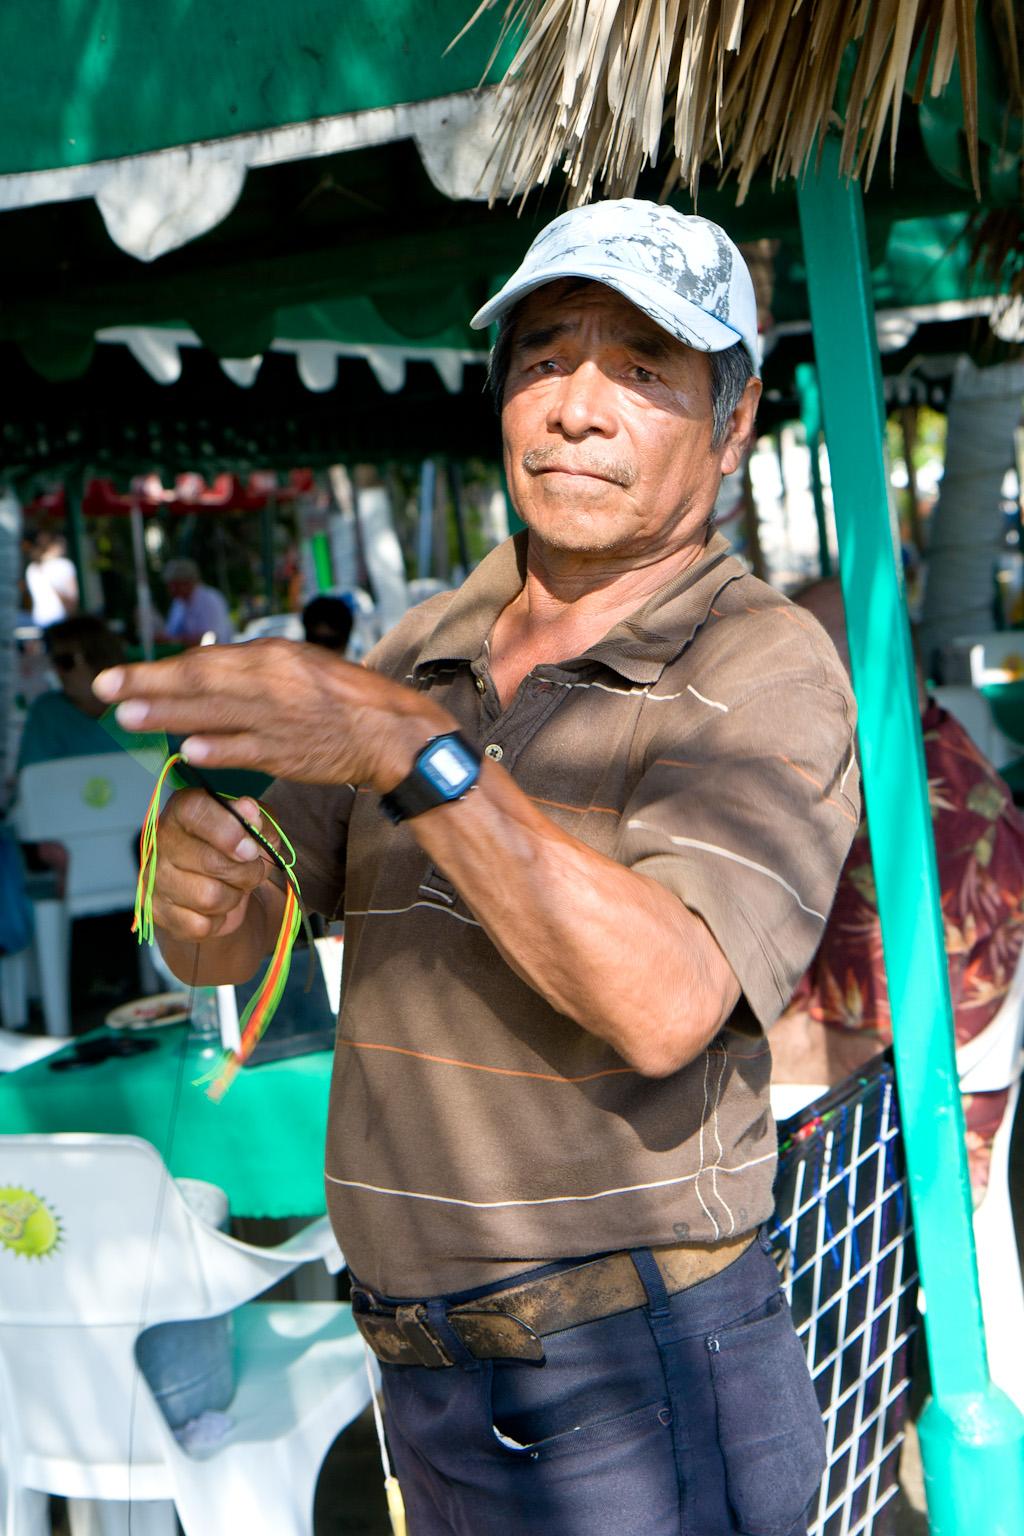 bracelet craftsman